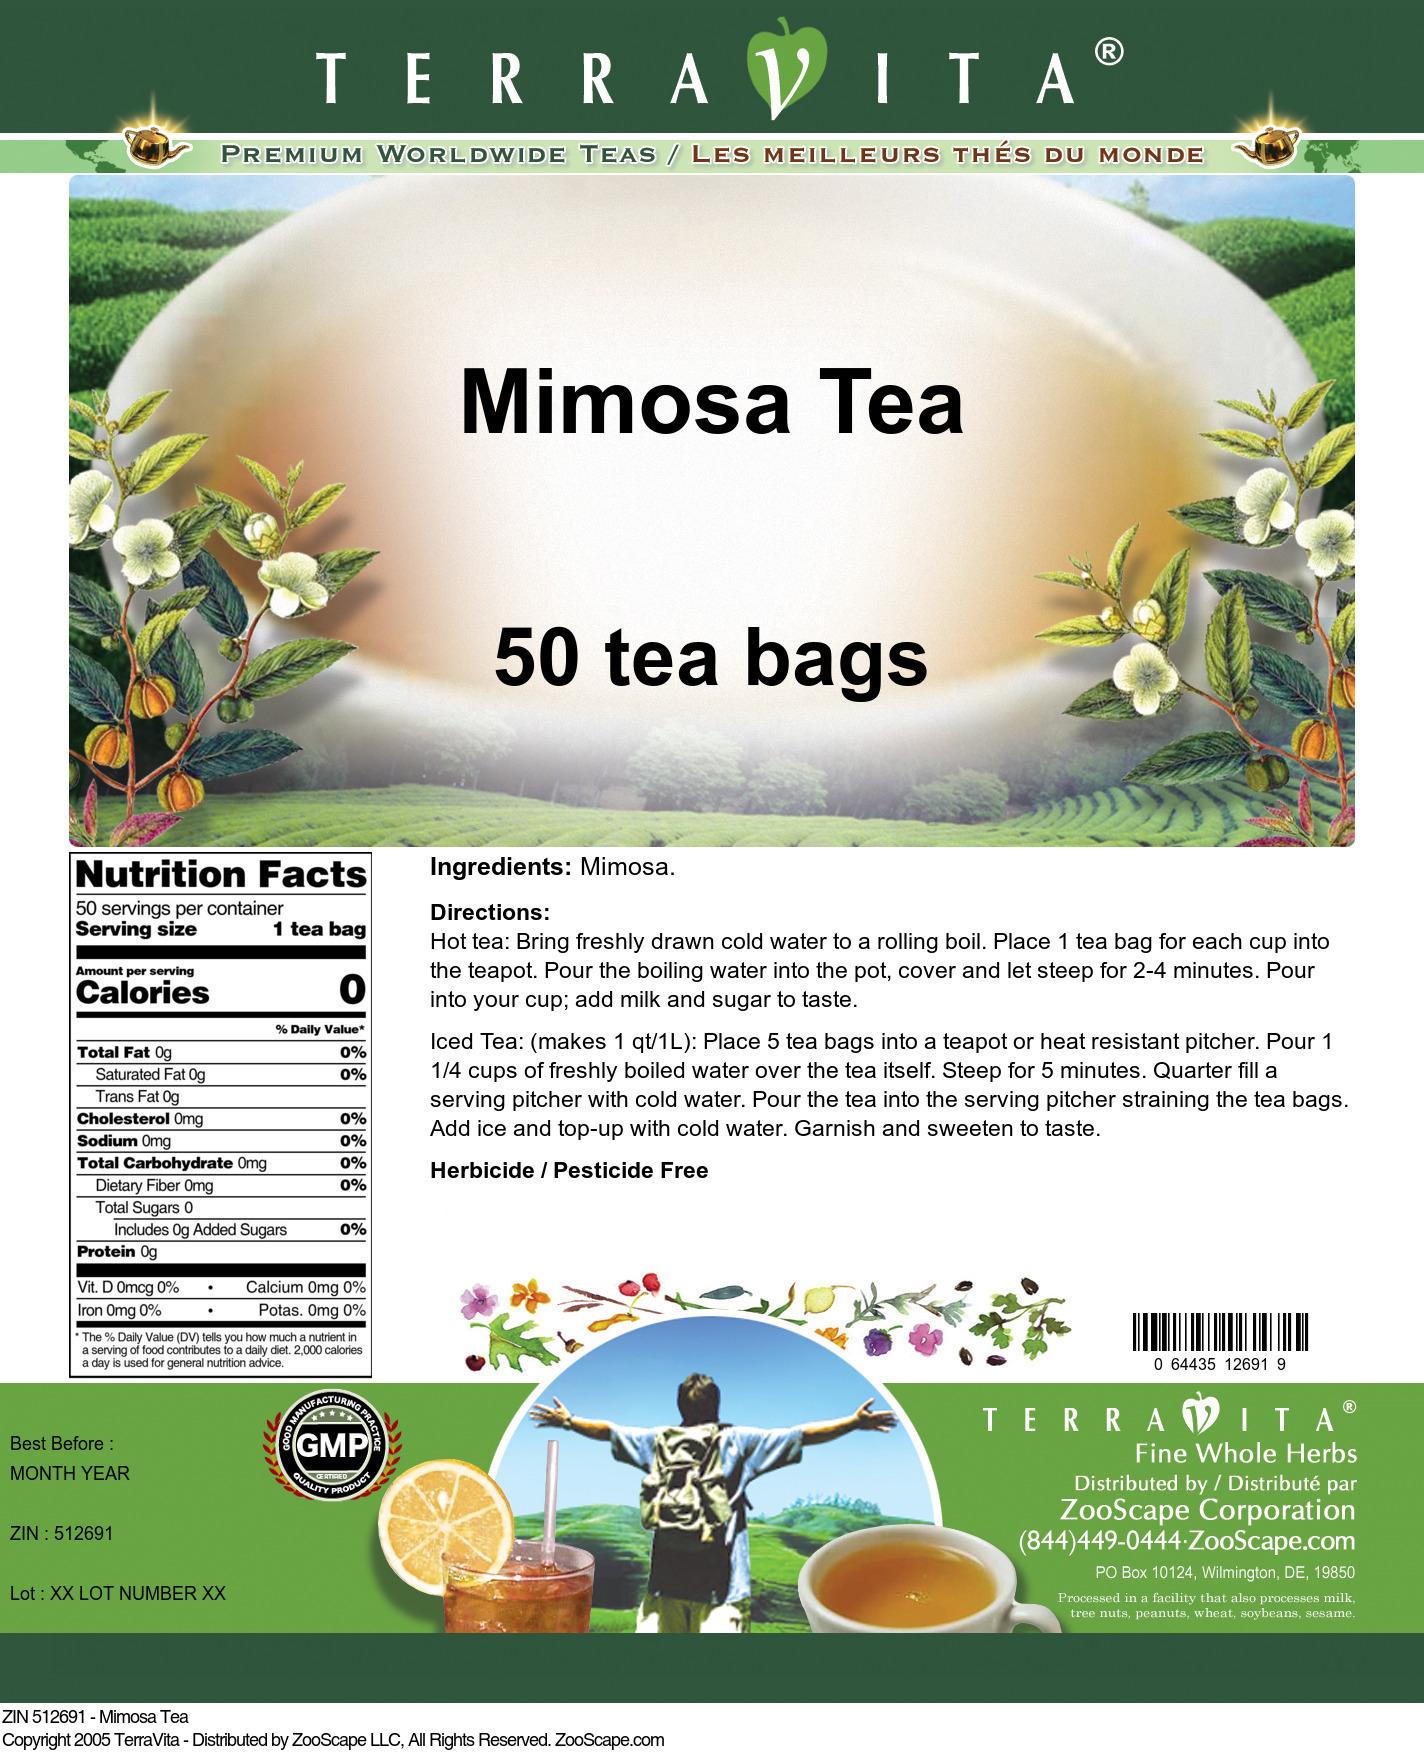 Mimosa Tea